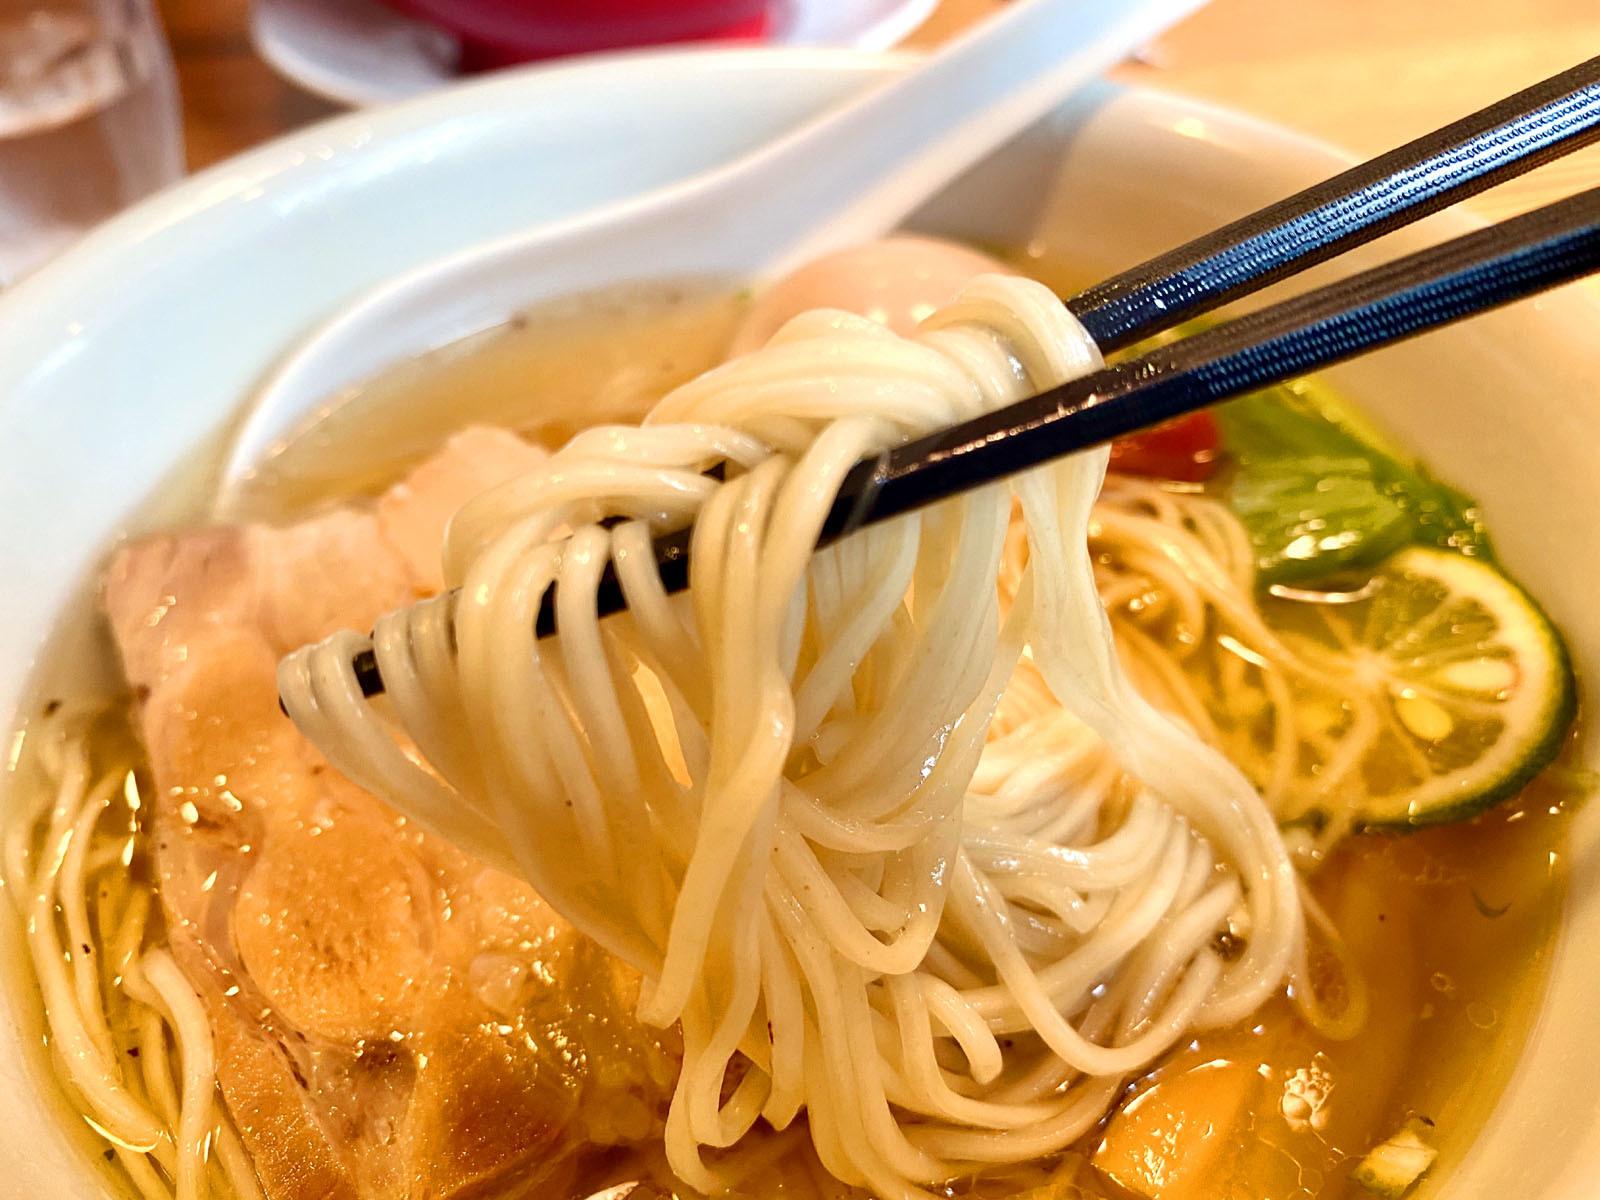 塩味玉らー麺 790円(税抜)麺リフト